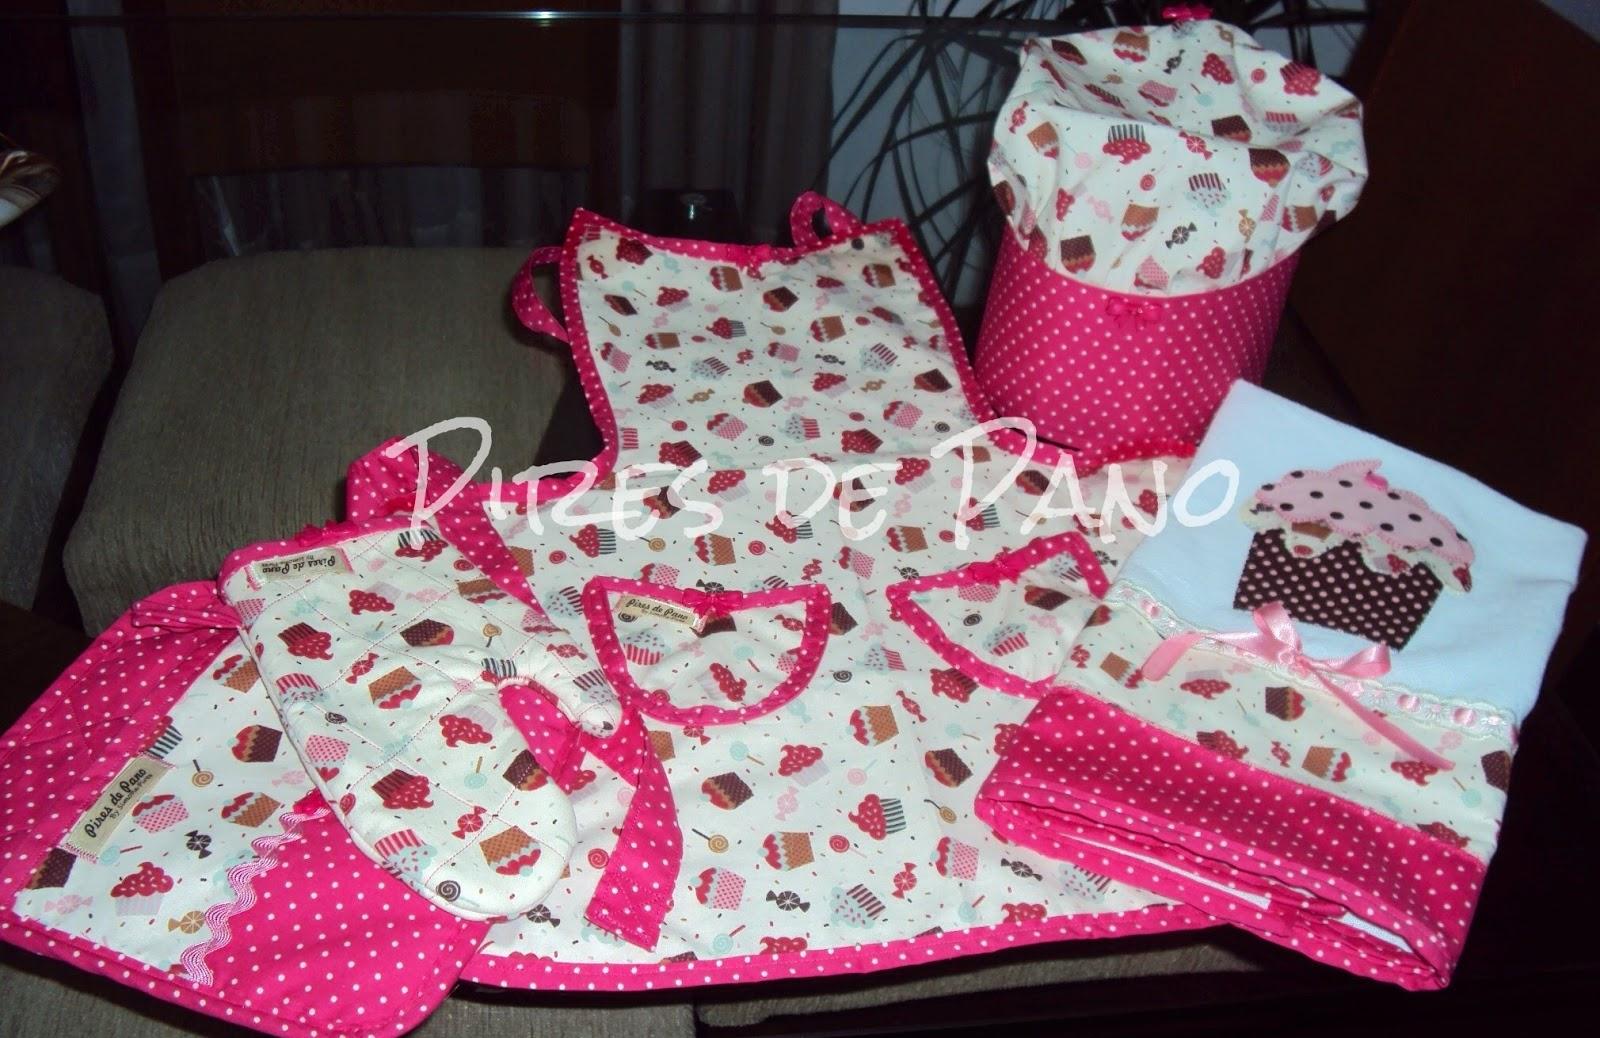 kit decoracao cozinha : kit decoracao cozinha:PIRES DE PANO: Kit de cozinha infantil